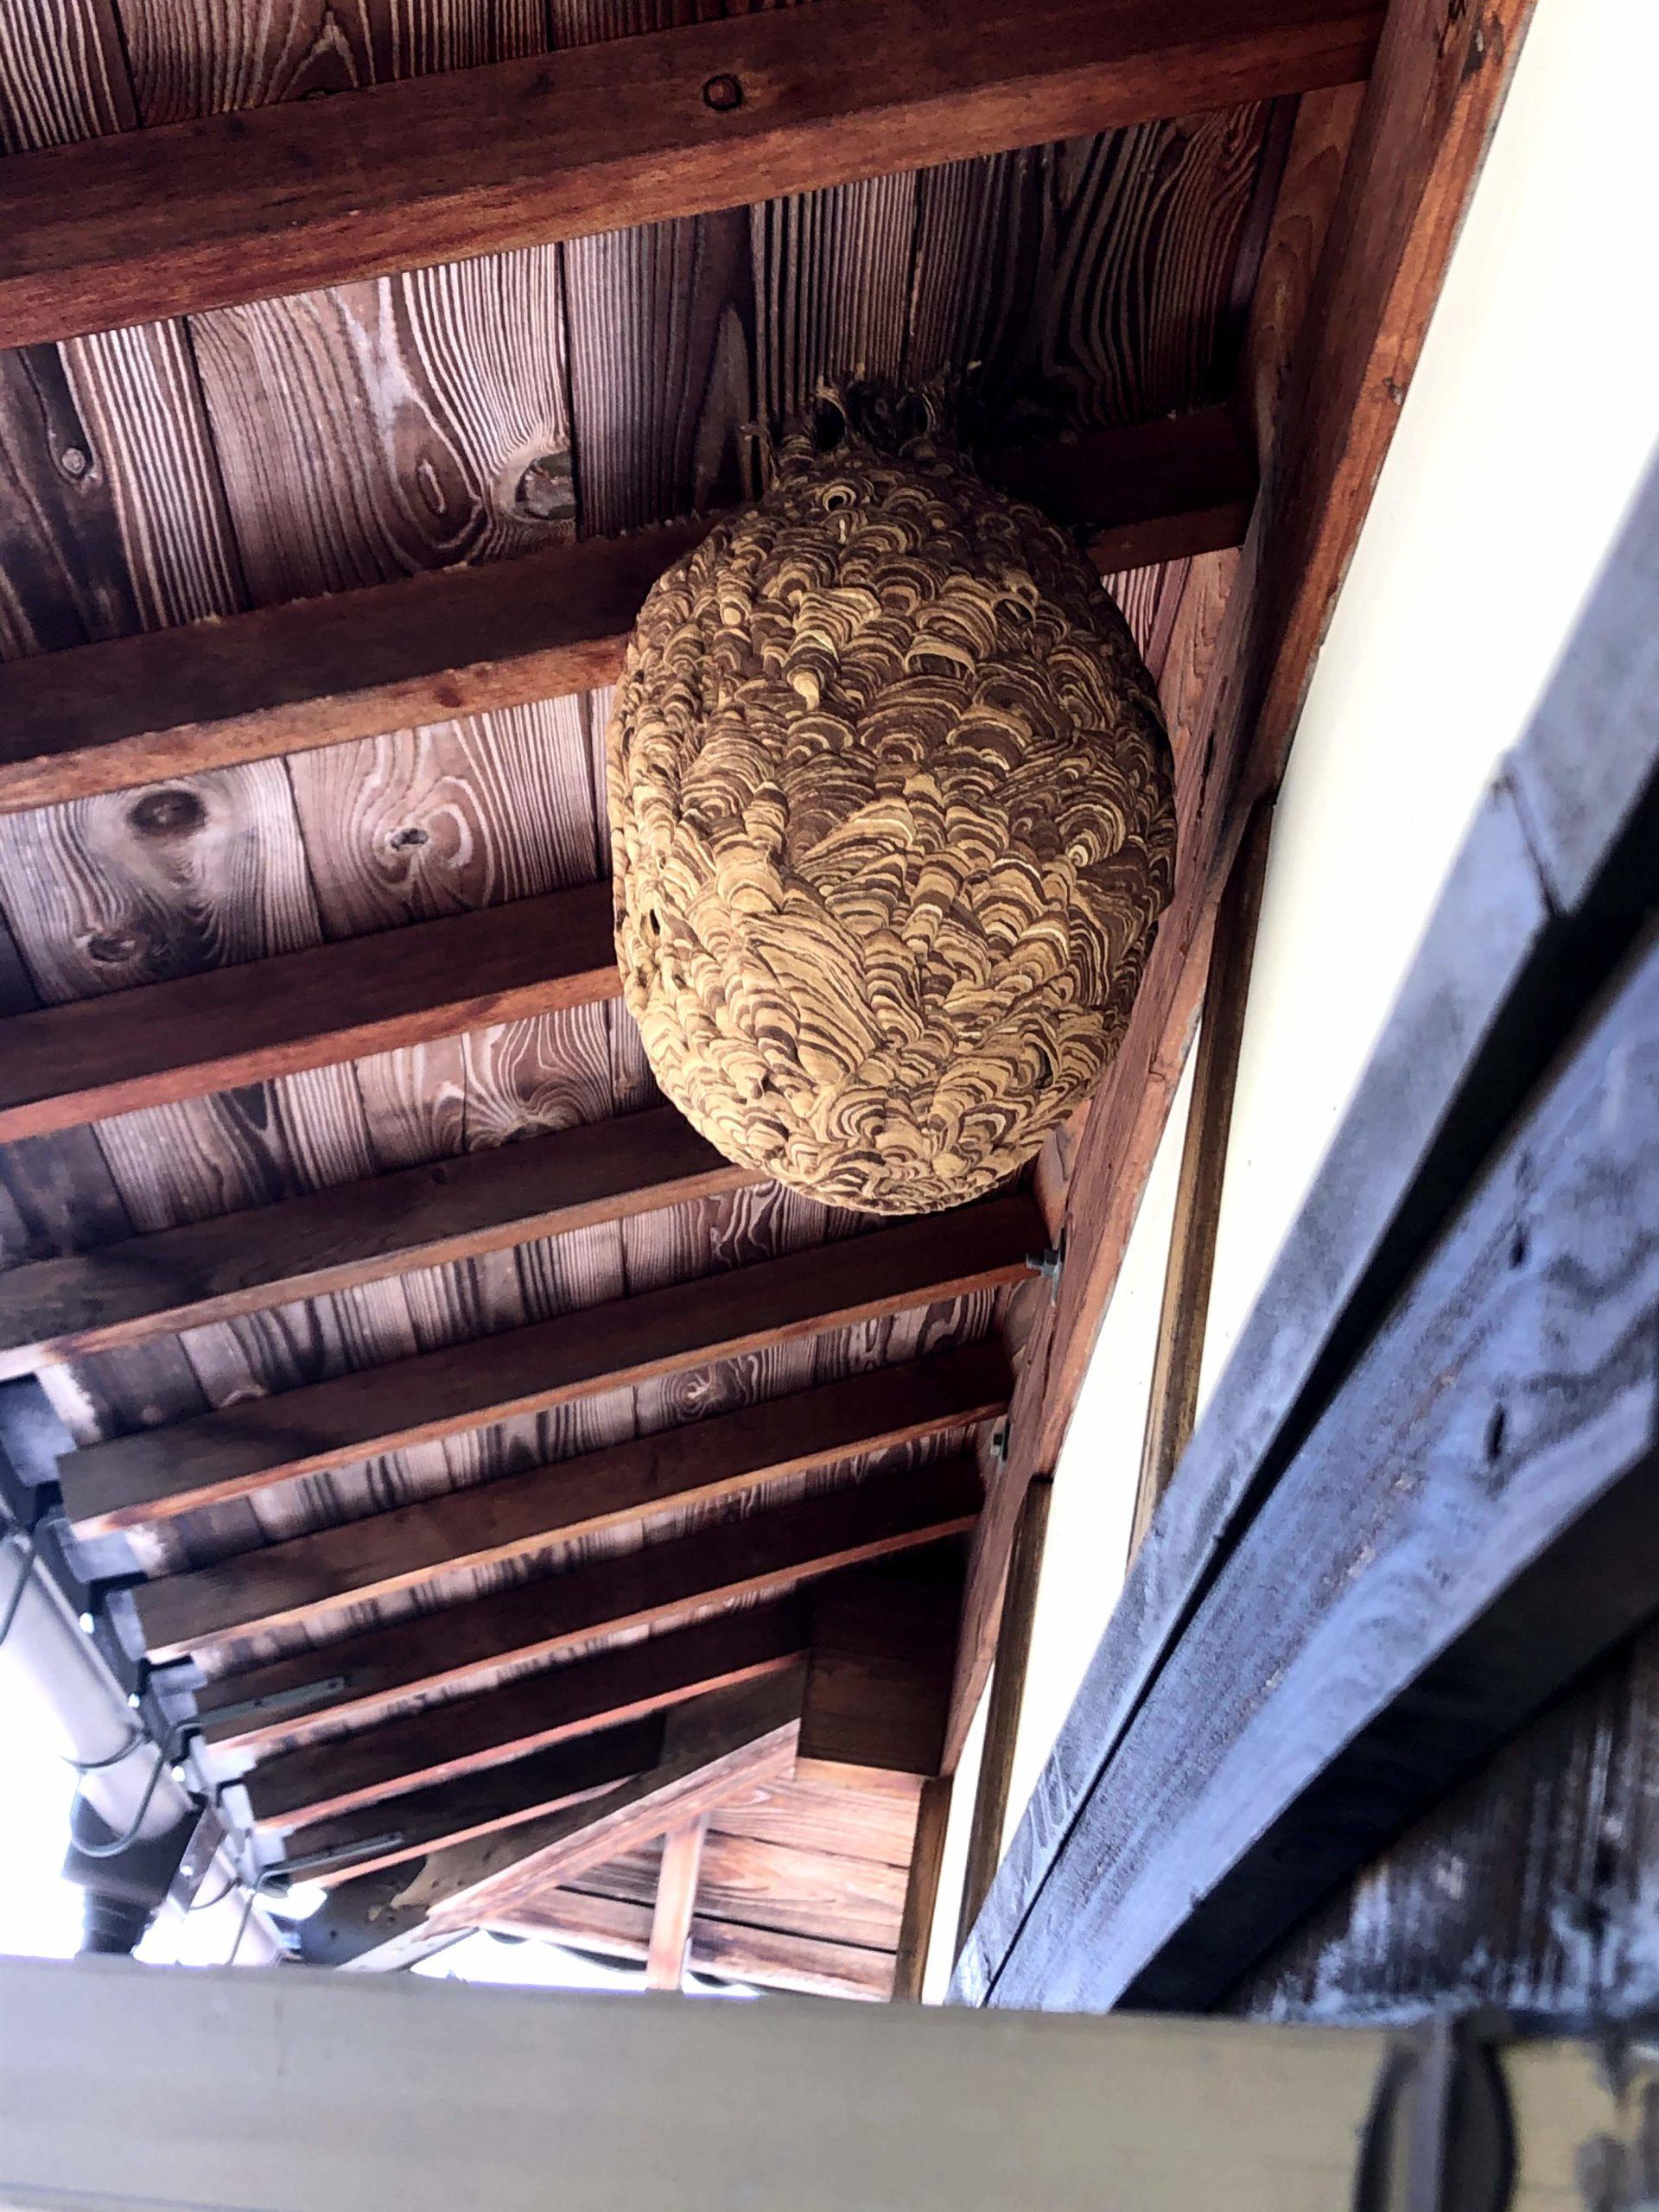 信楽町の二階軒下のキイロスズメバチの巣駆除